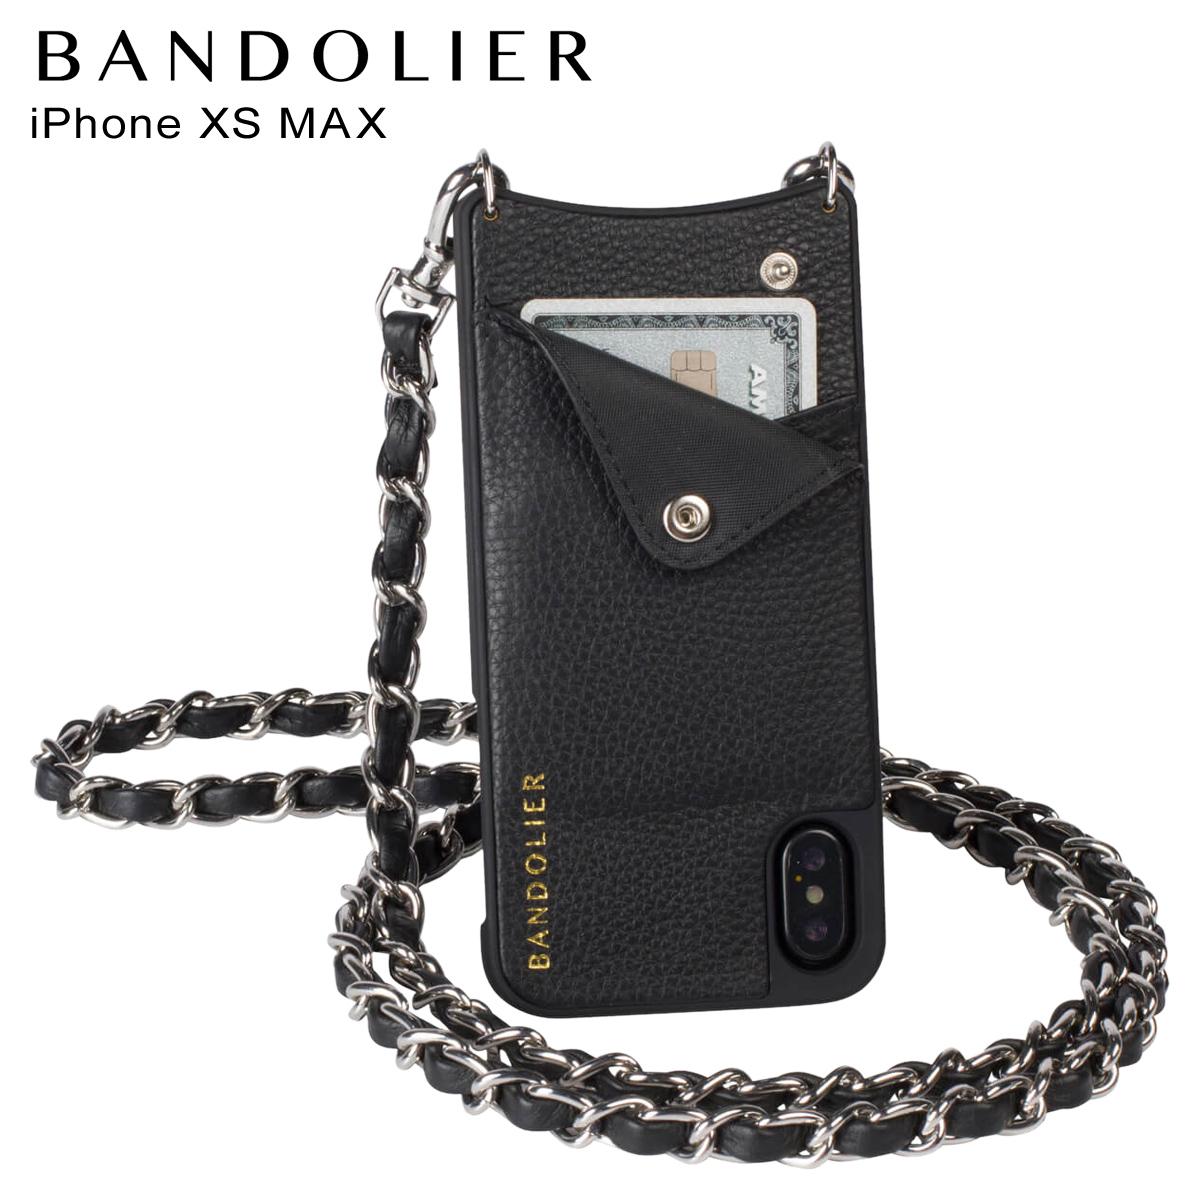 バンドリヤー BANDOLIER iPhone XS MAX ケース スマホ 携帯 ショルダー アイフォン レザー LUCY PEWTER メンズ レディース ブラック 10LCY1001